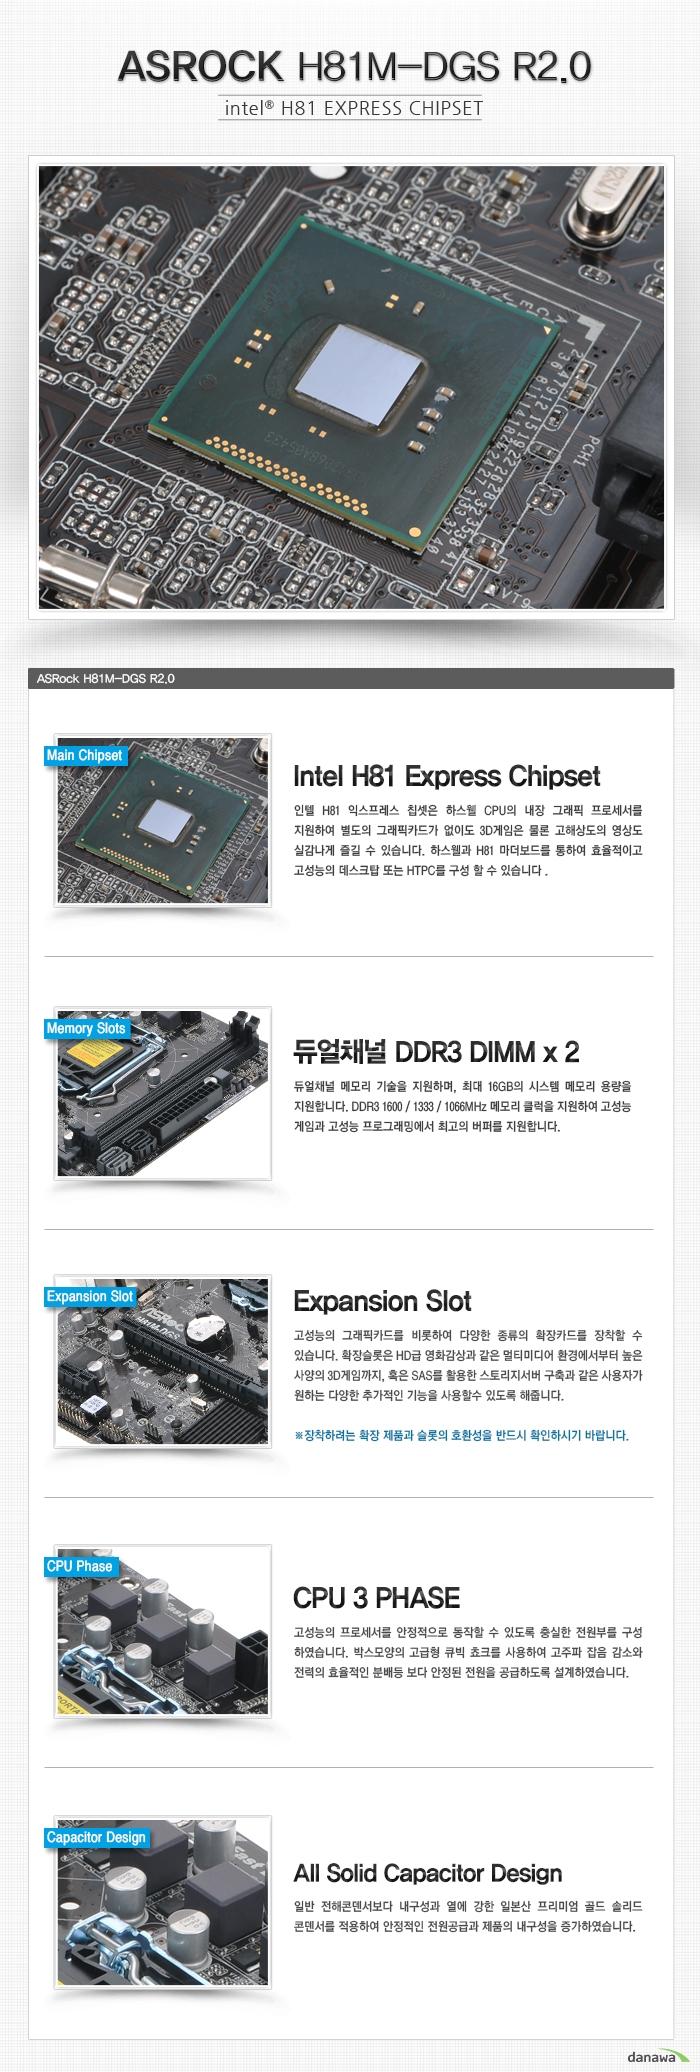 ASROCK H81M-DGS R2.0 온보드 각 부 명칭 및 설명